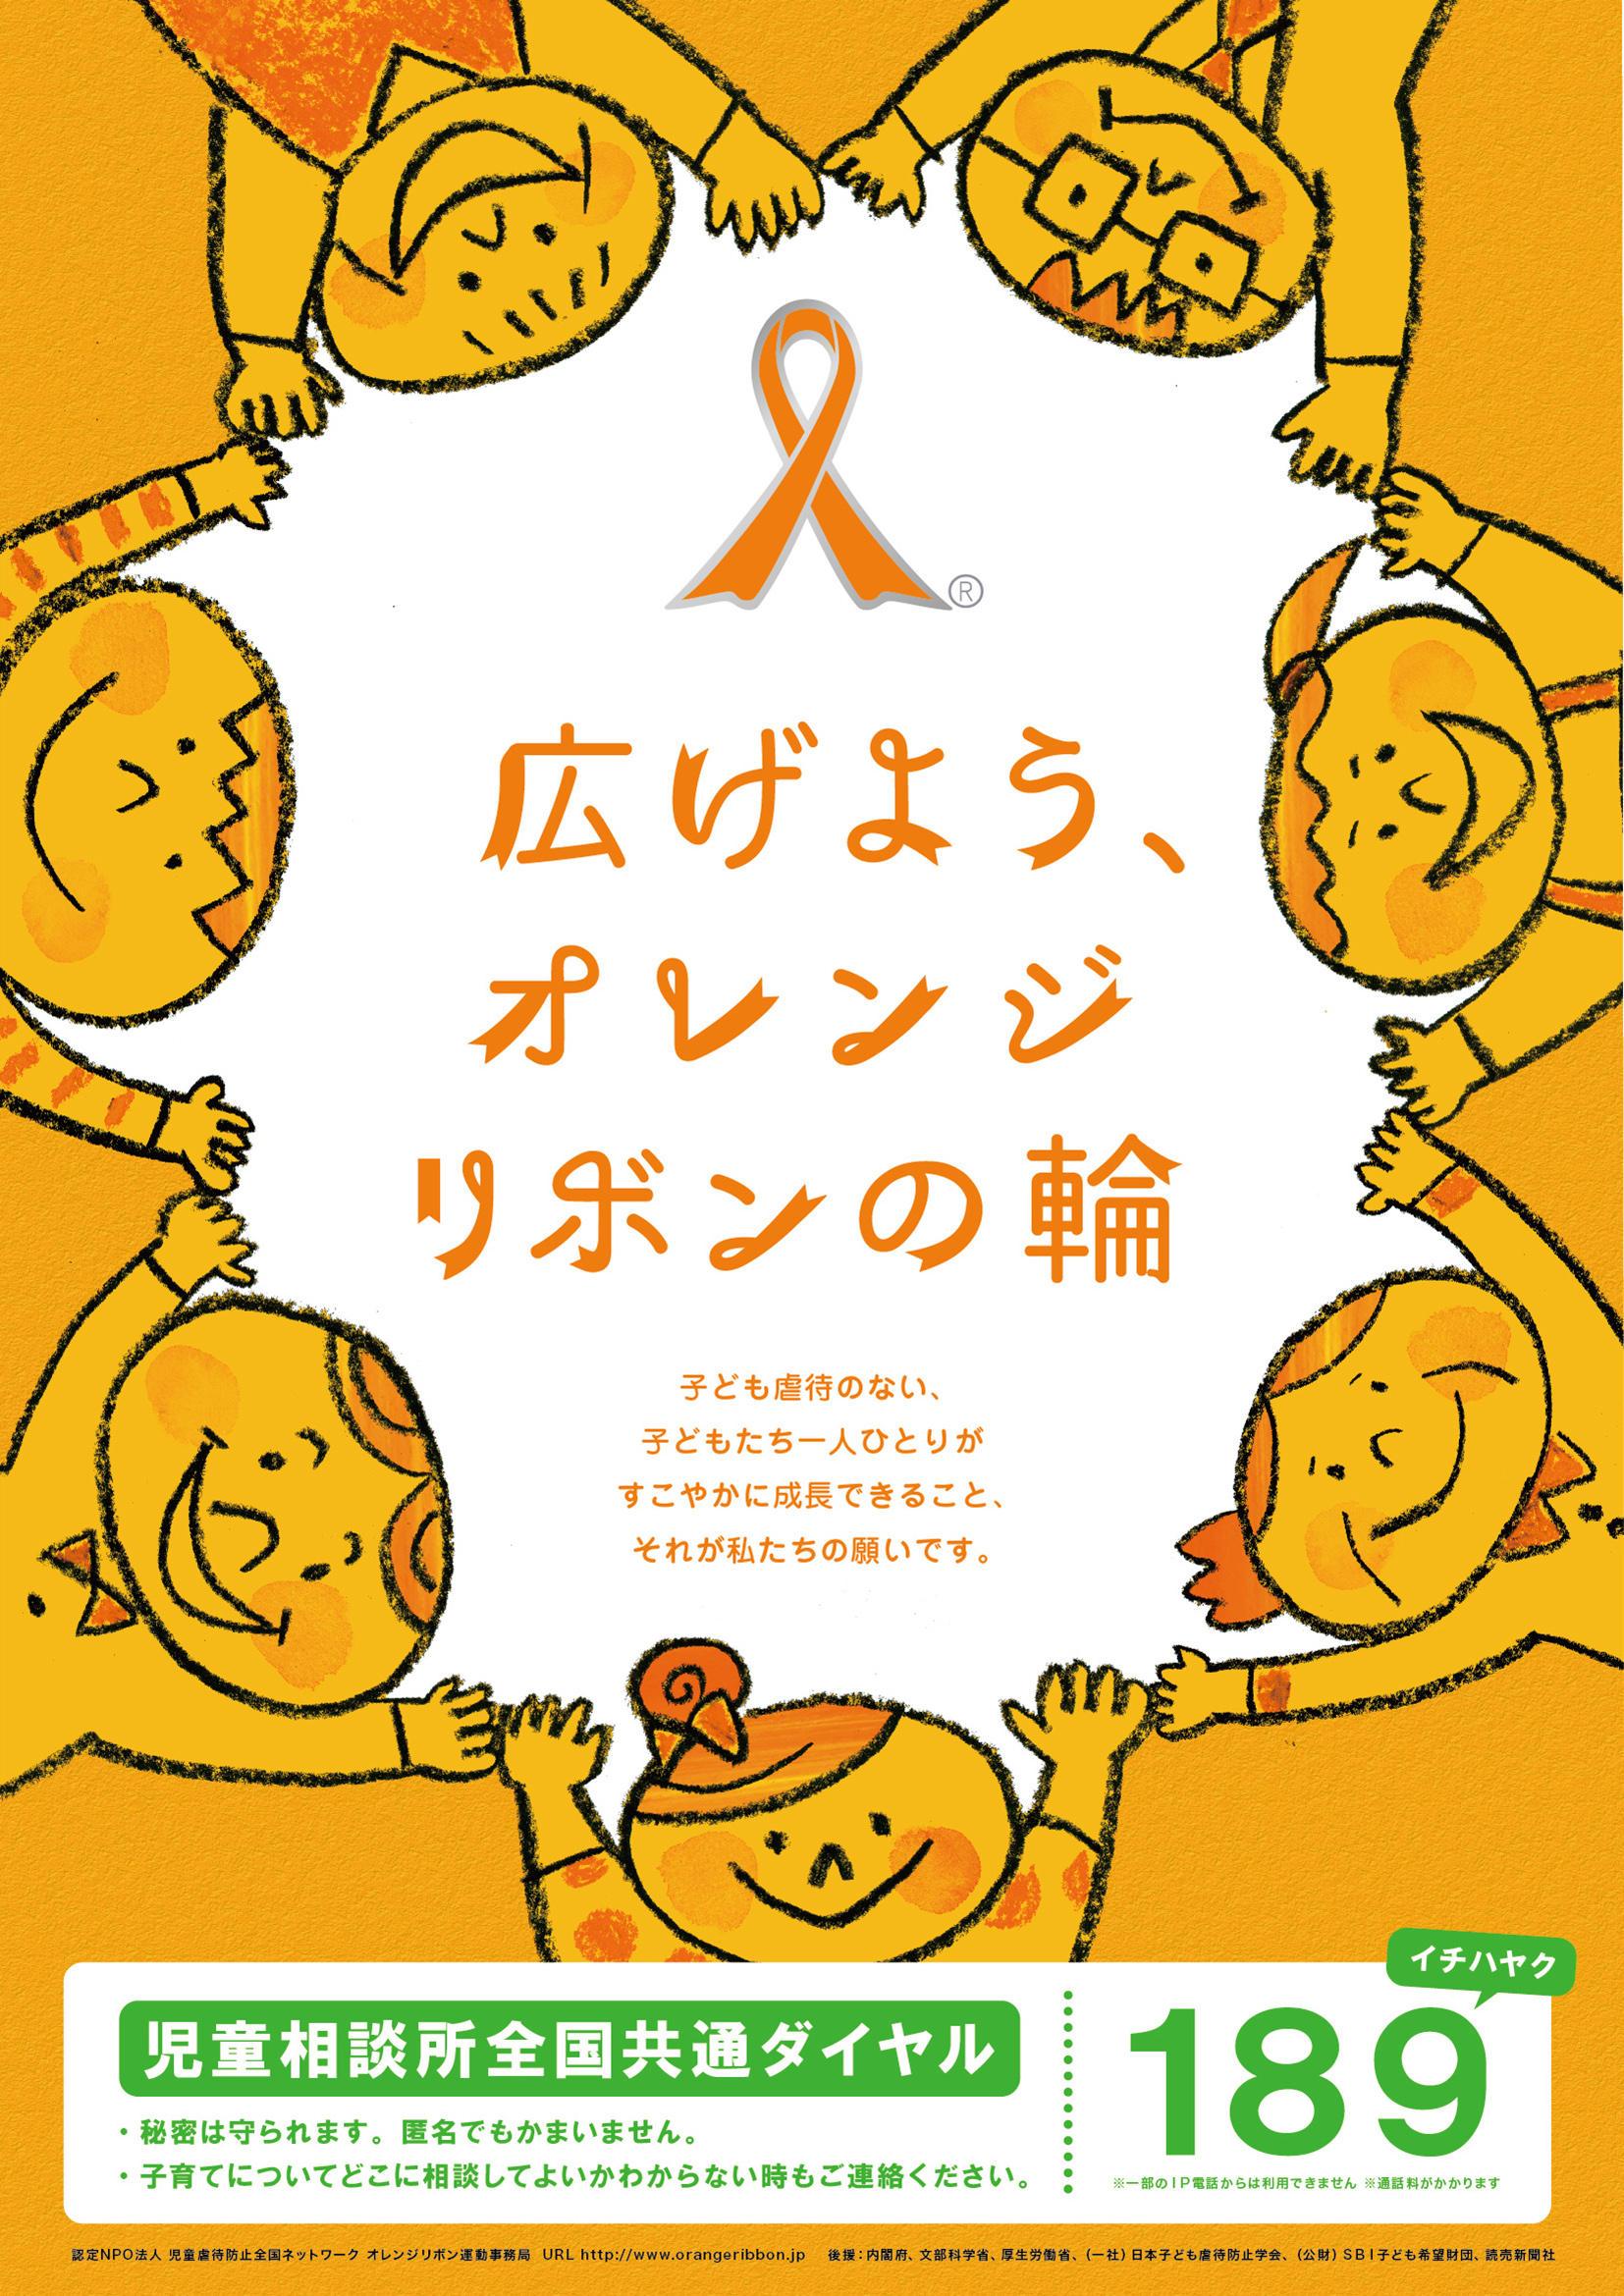 http://www.orangeribbon.jp/info/npo/GS.jpg